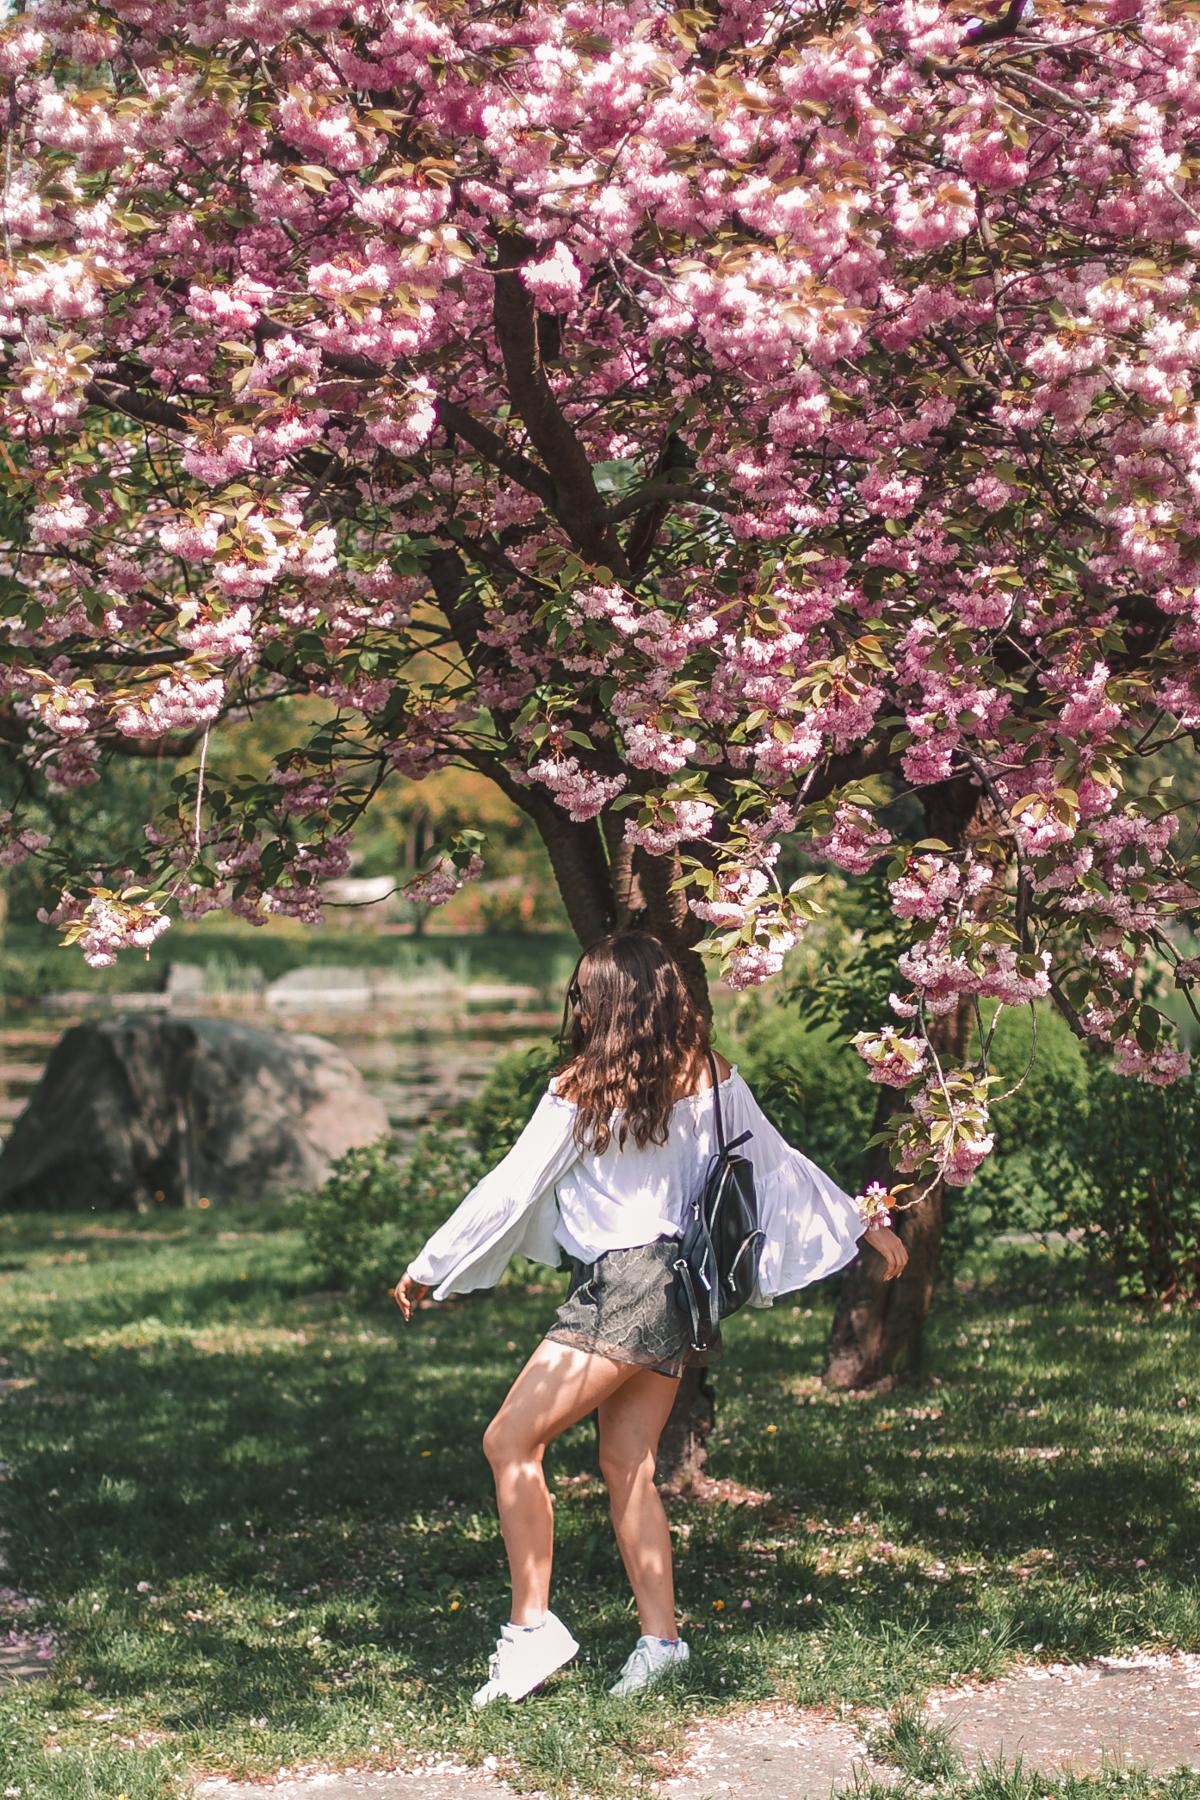 bajkowa sesja z różowymi drzewami wiśnia